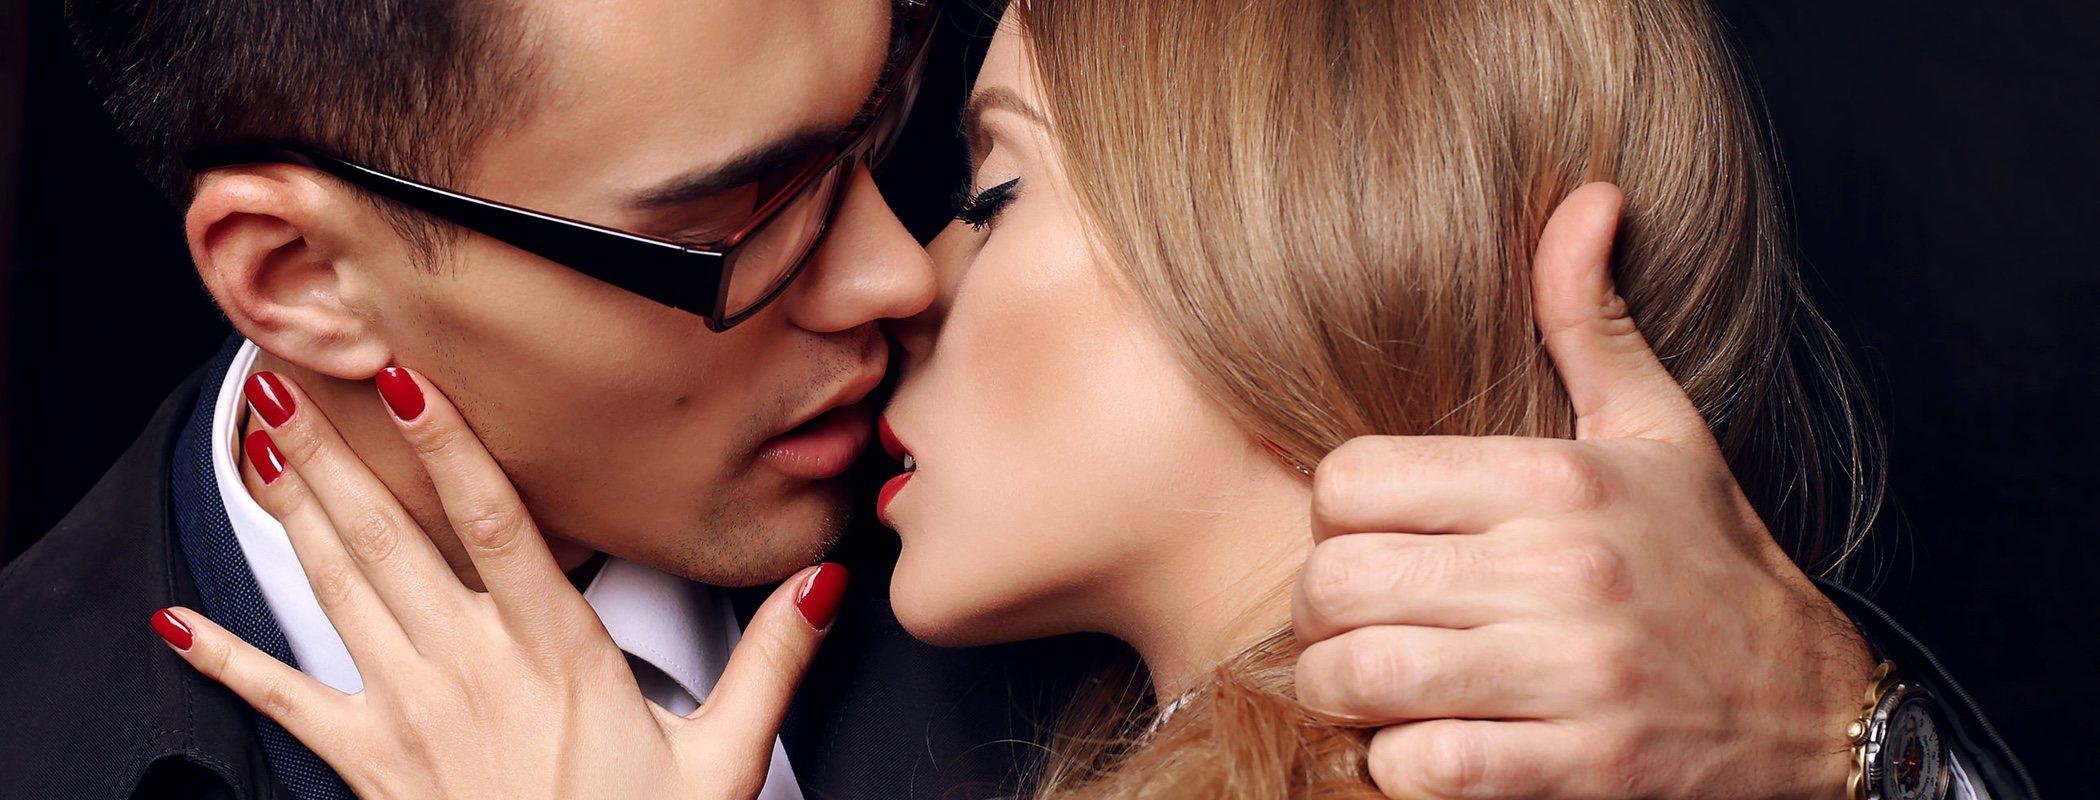 Ventajas e inconvenientes de salir con una pareja como Christian Grey